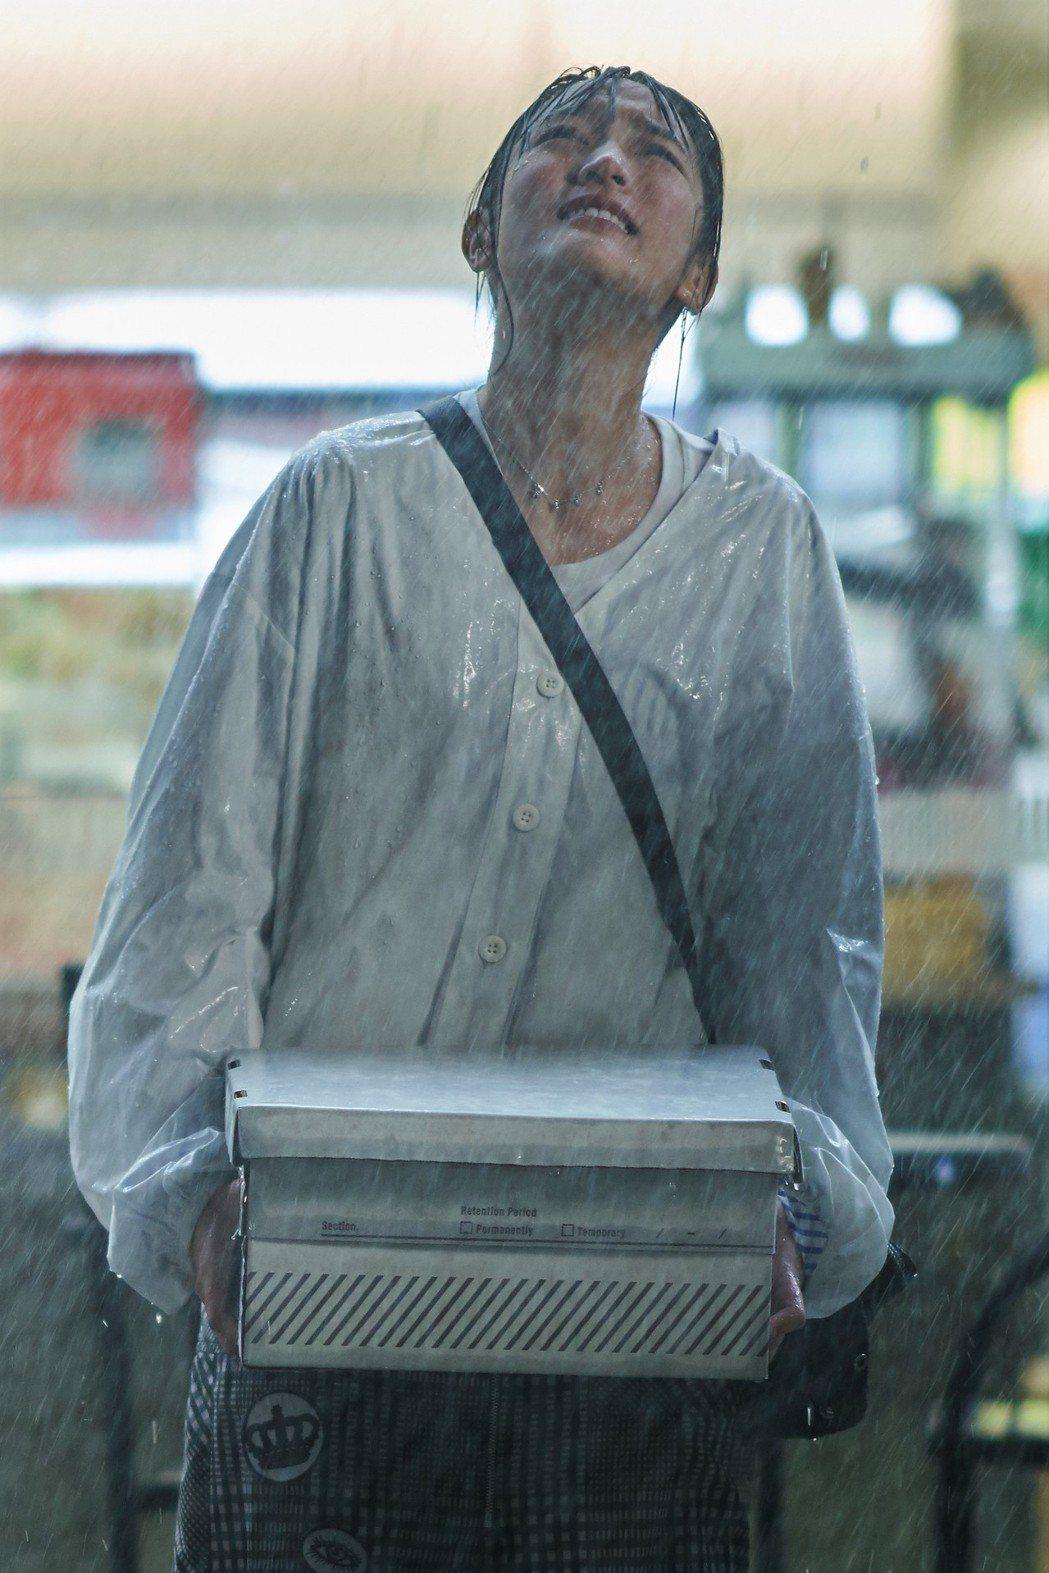 王淨演出「愛情白皮書」一幕在雨中嘶吼又摔畫面,十分淒慘。圖/東森提供